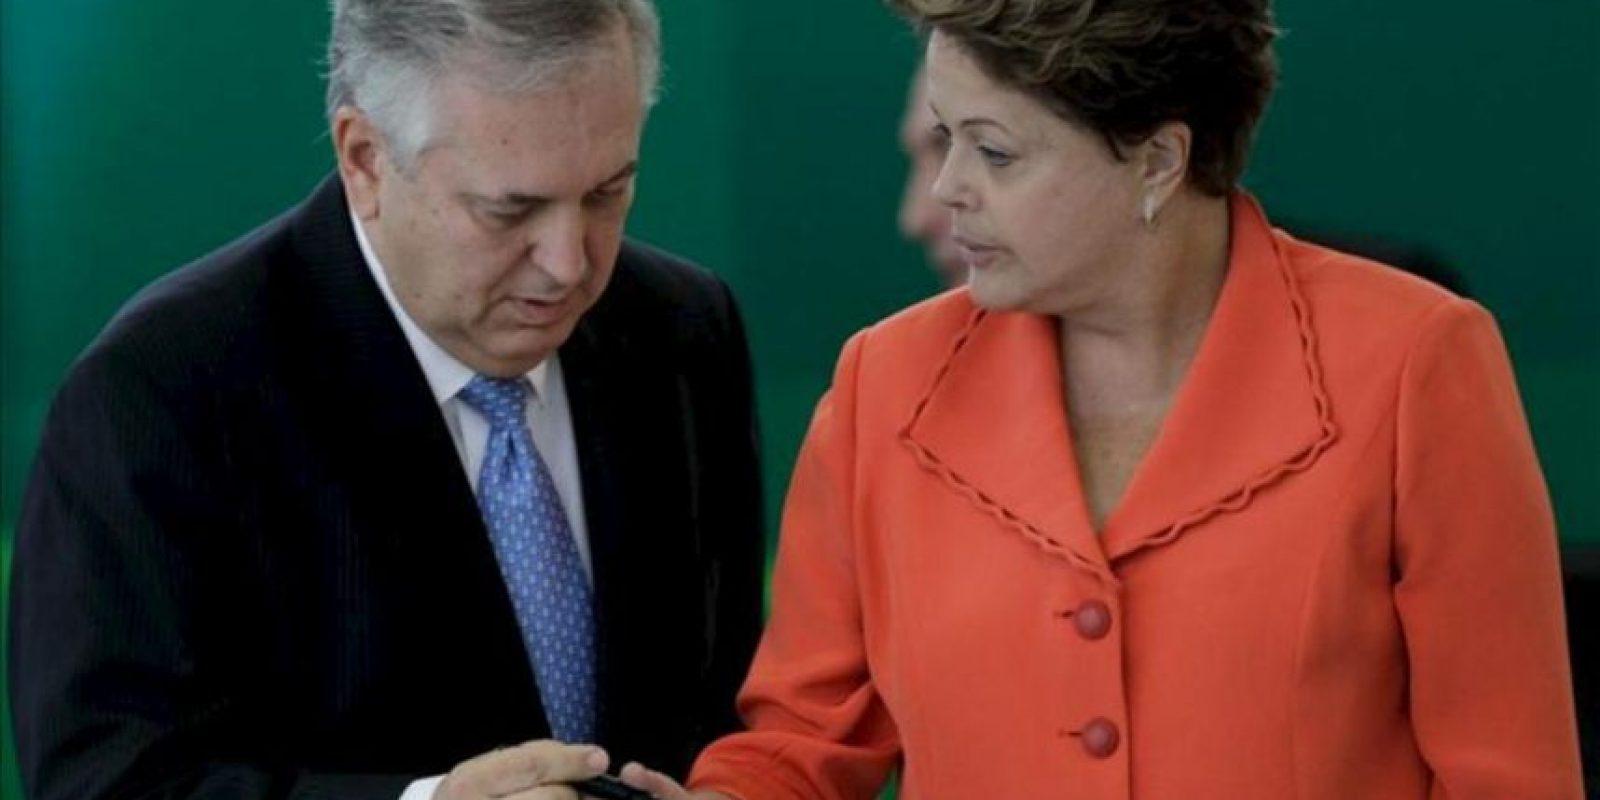 La presidenta brasileña, Dilma Rousseff (d), participa en el acto de toma de posesión del nuevo ministro de Relaciones Exteriores de Brasil, Luiz Alberto Figueiredo (i), en Brasilia (Brasil). EFE